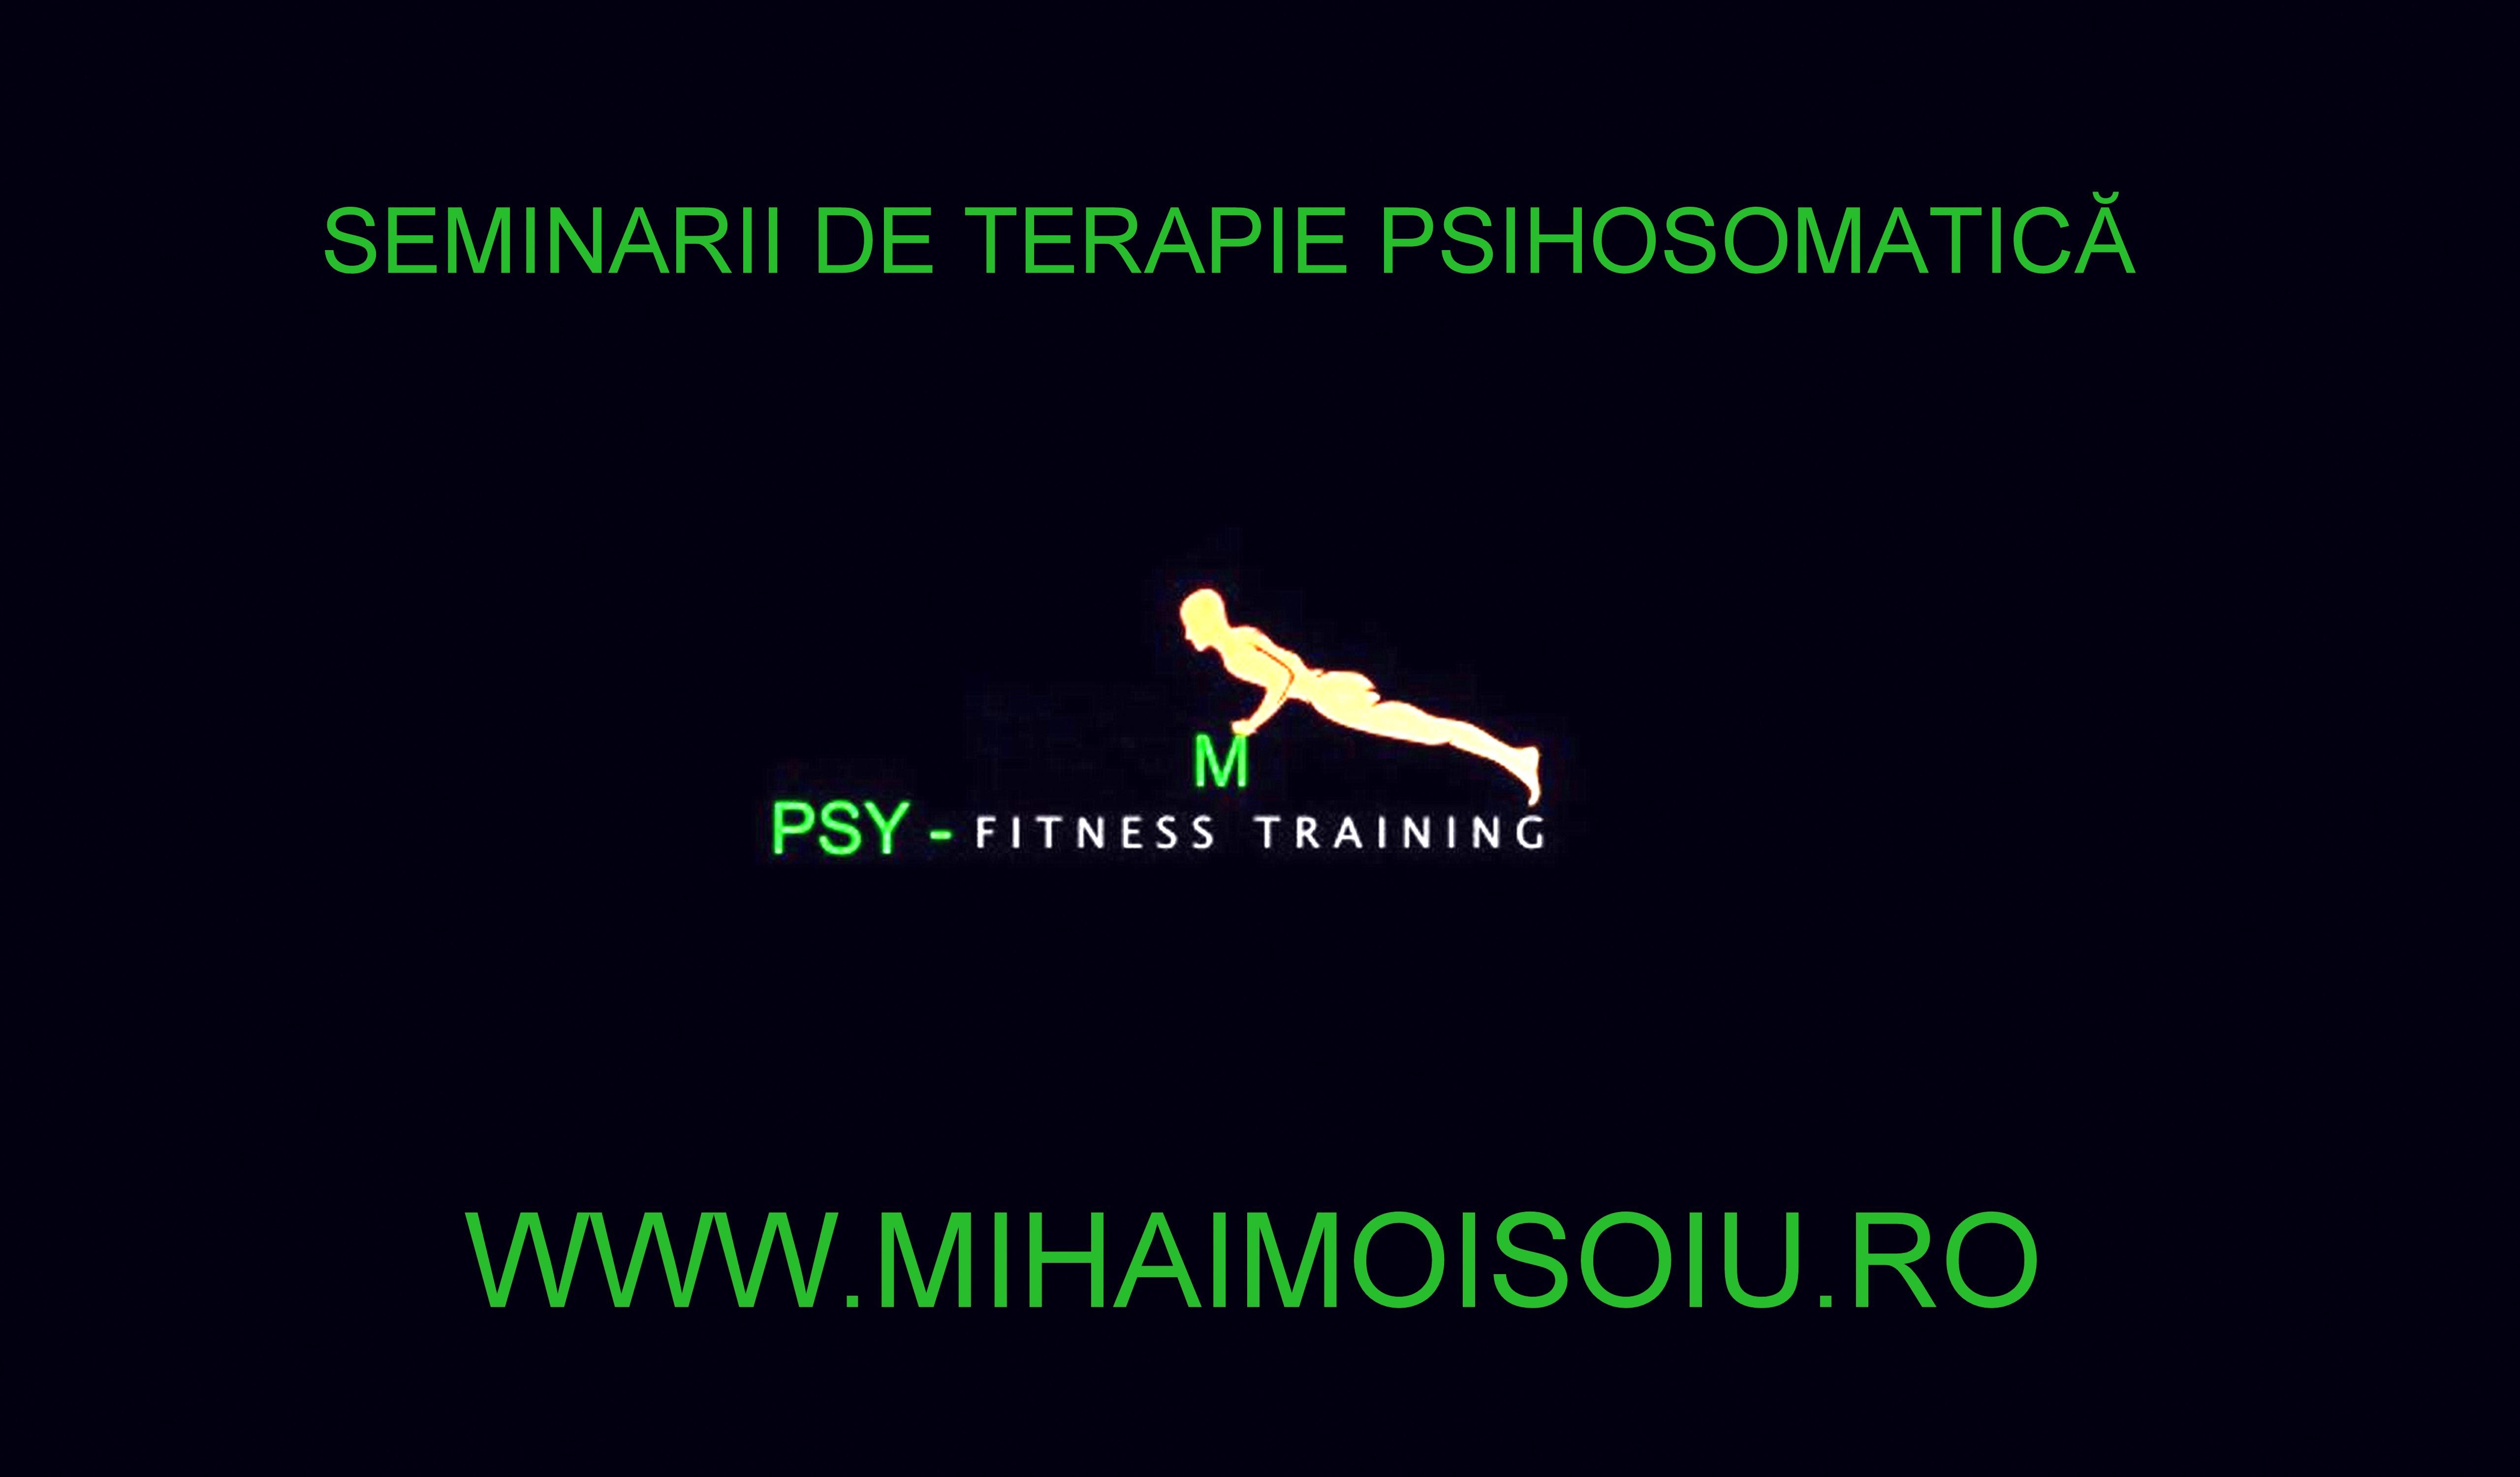 SEMINARII DE PSIHOLOGIE PSIHOSOMATICĂ